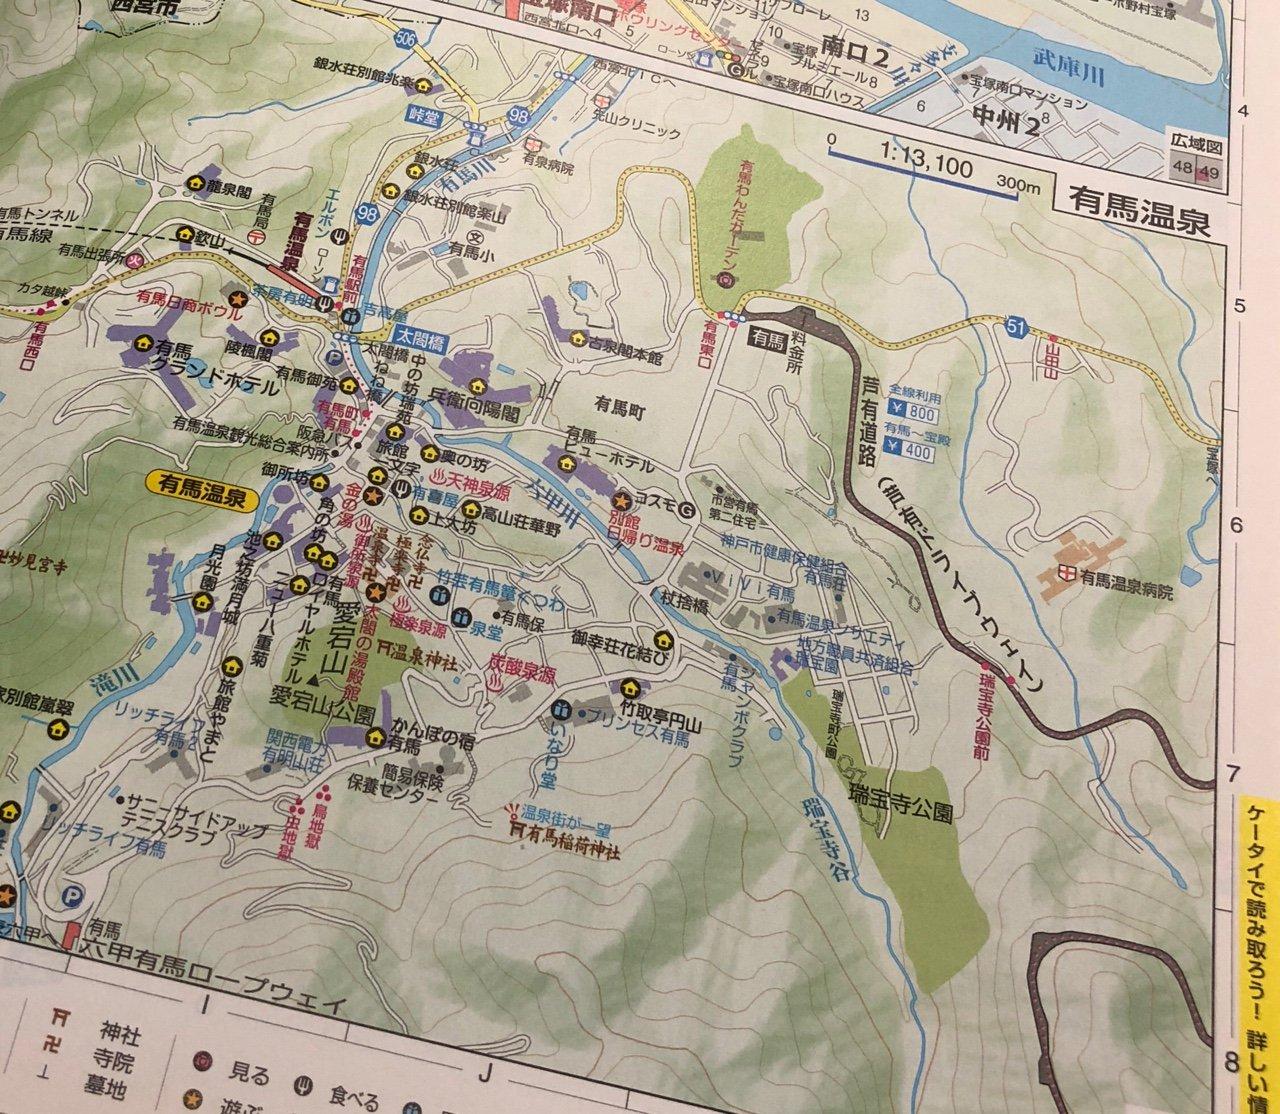 有馬温泉。こういうところは時代が変わってもあんまり変わらないのかな。  アトラスRDX 関西道路地図 B5 (2004年3月発行) https://t.co/0xwakHAYYm